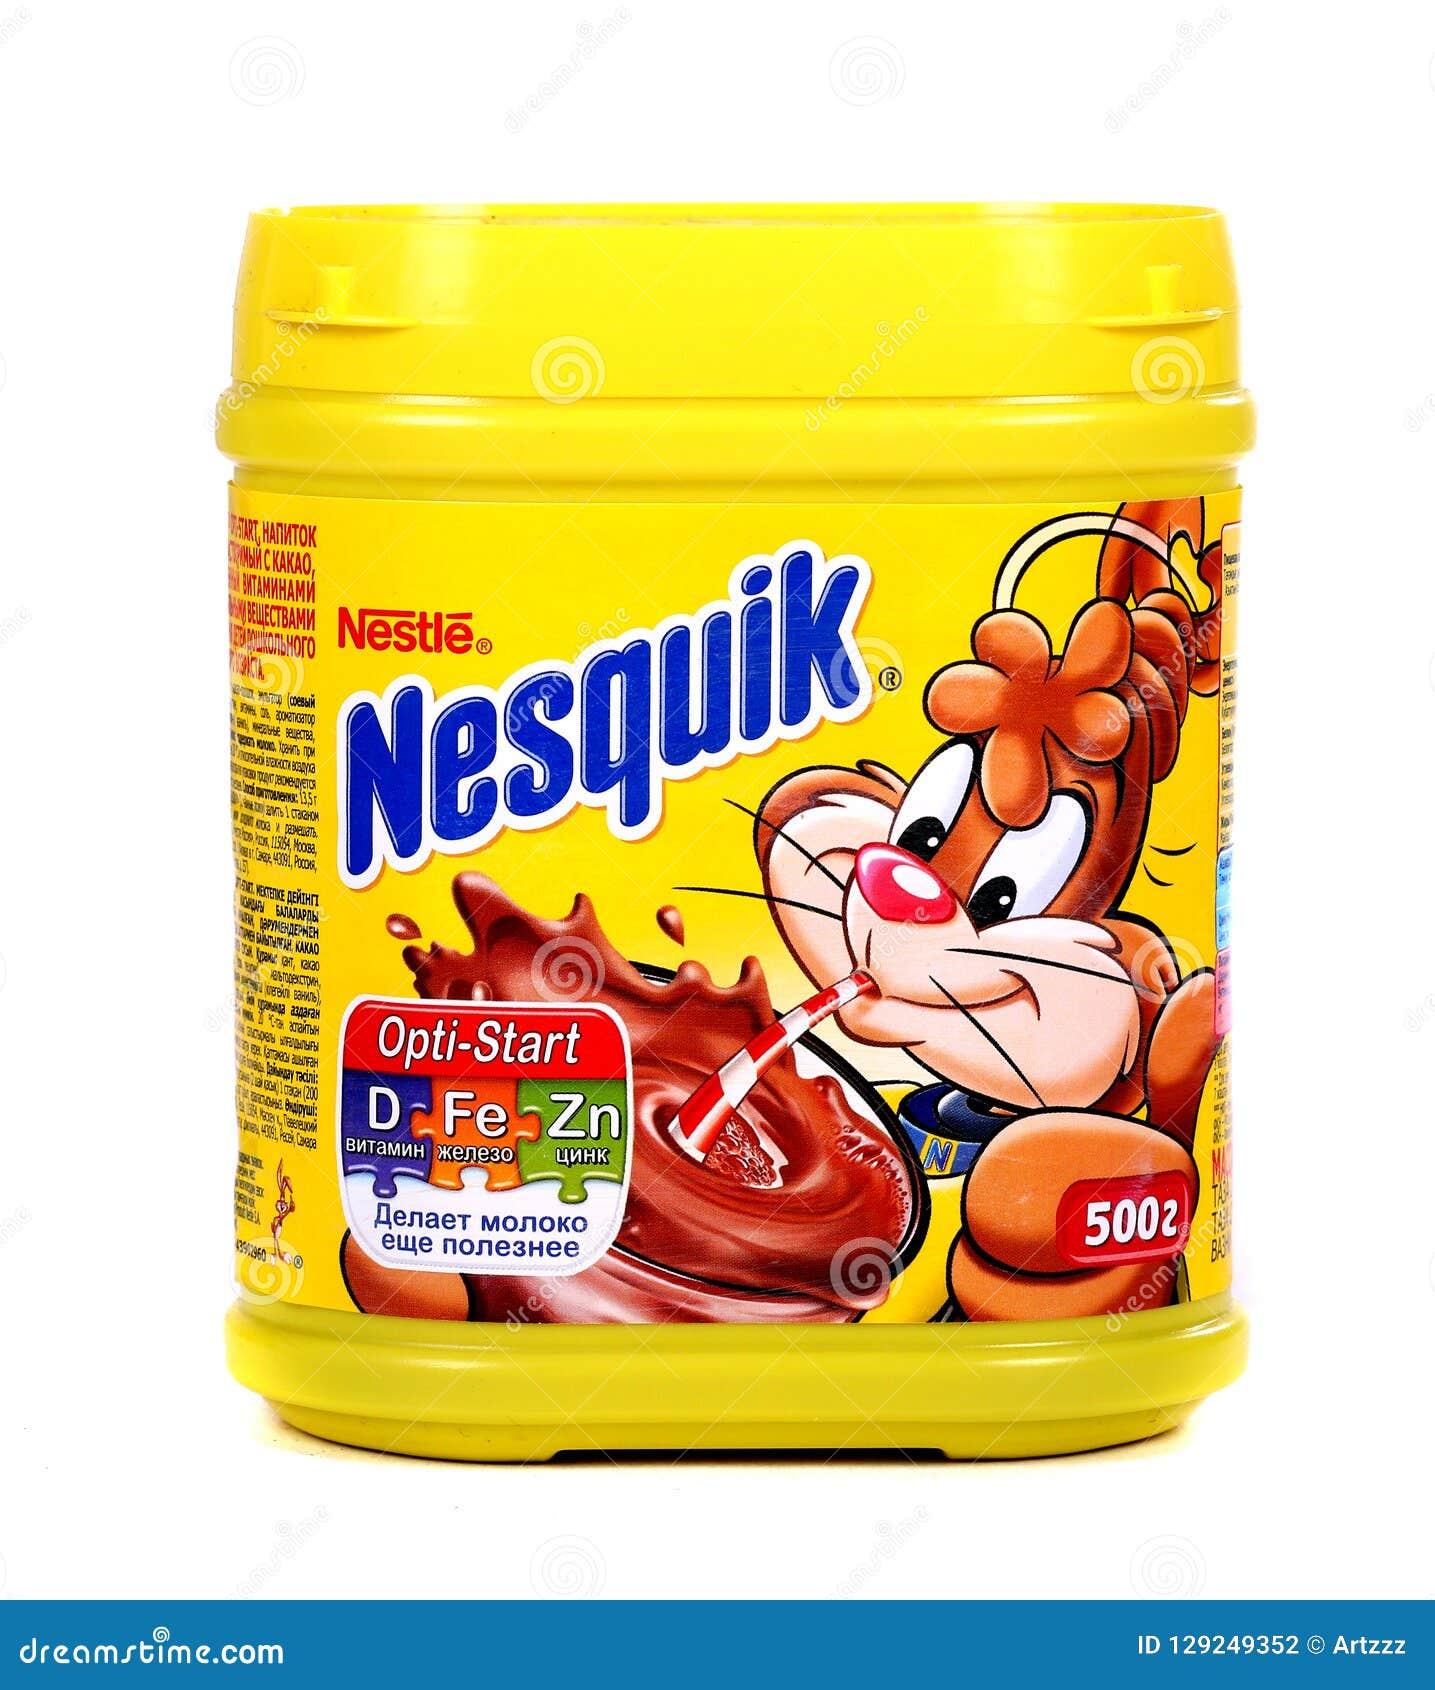 Nestle Nesquik kakao